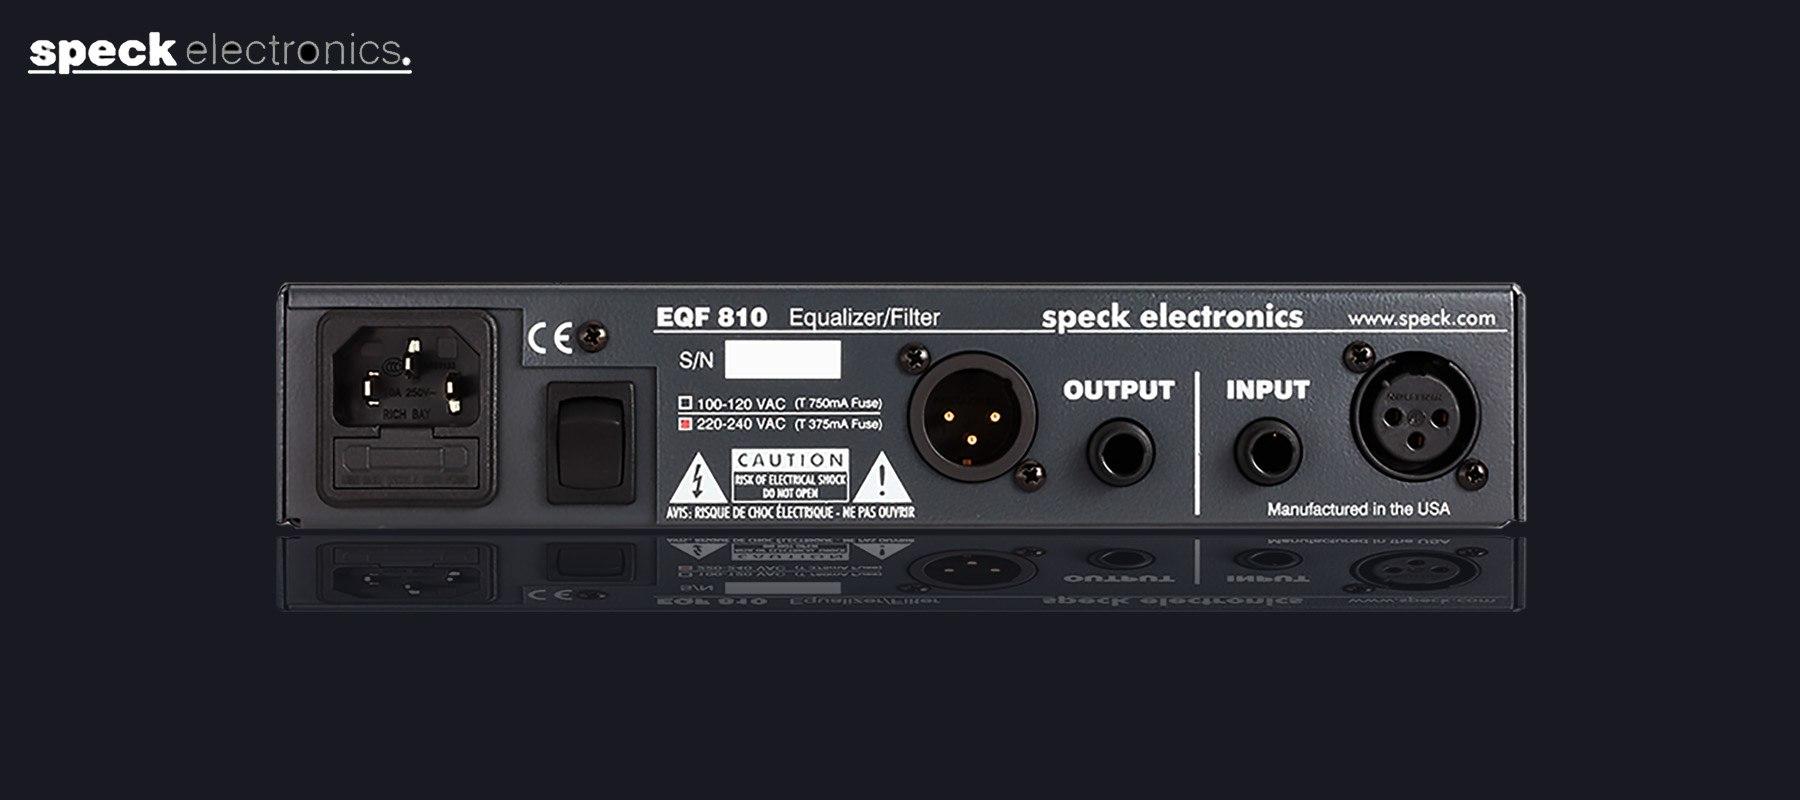 Speck Electronics EQF 810 - Arrière